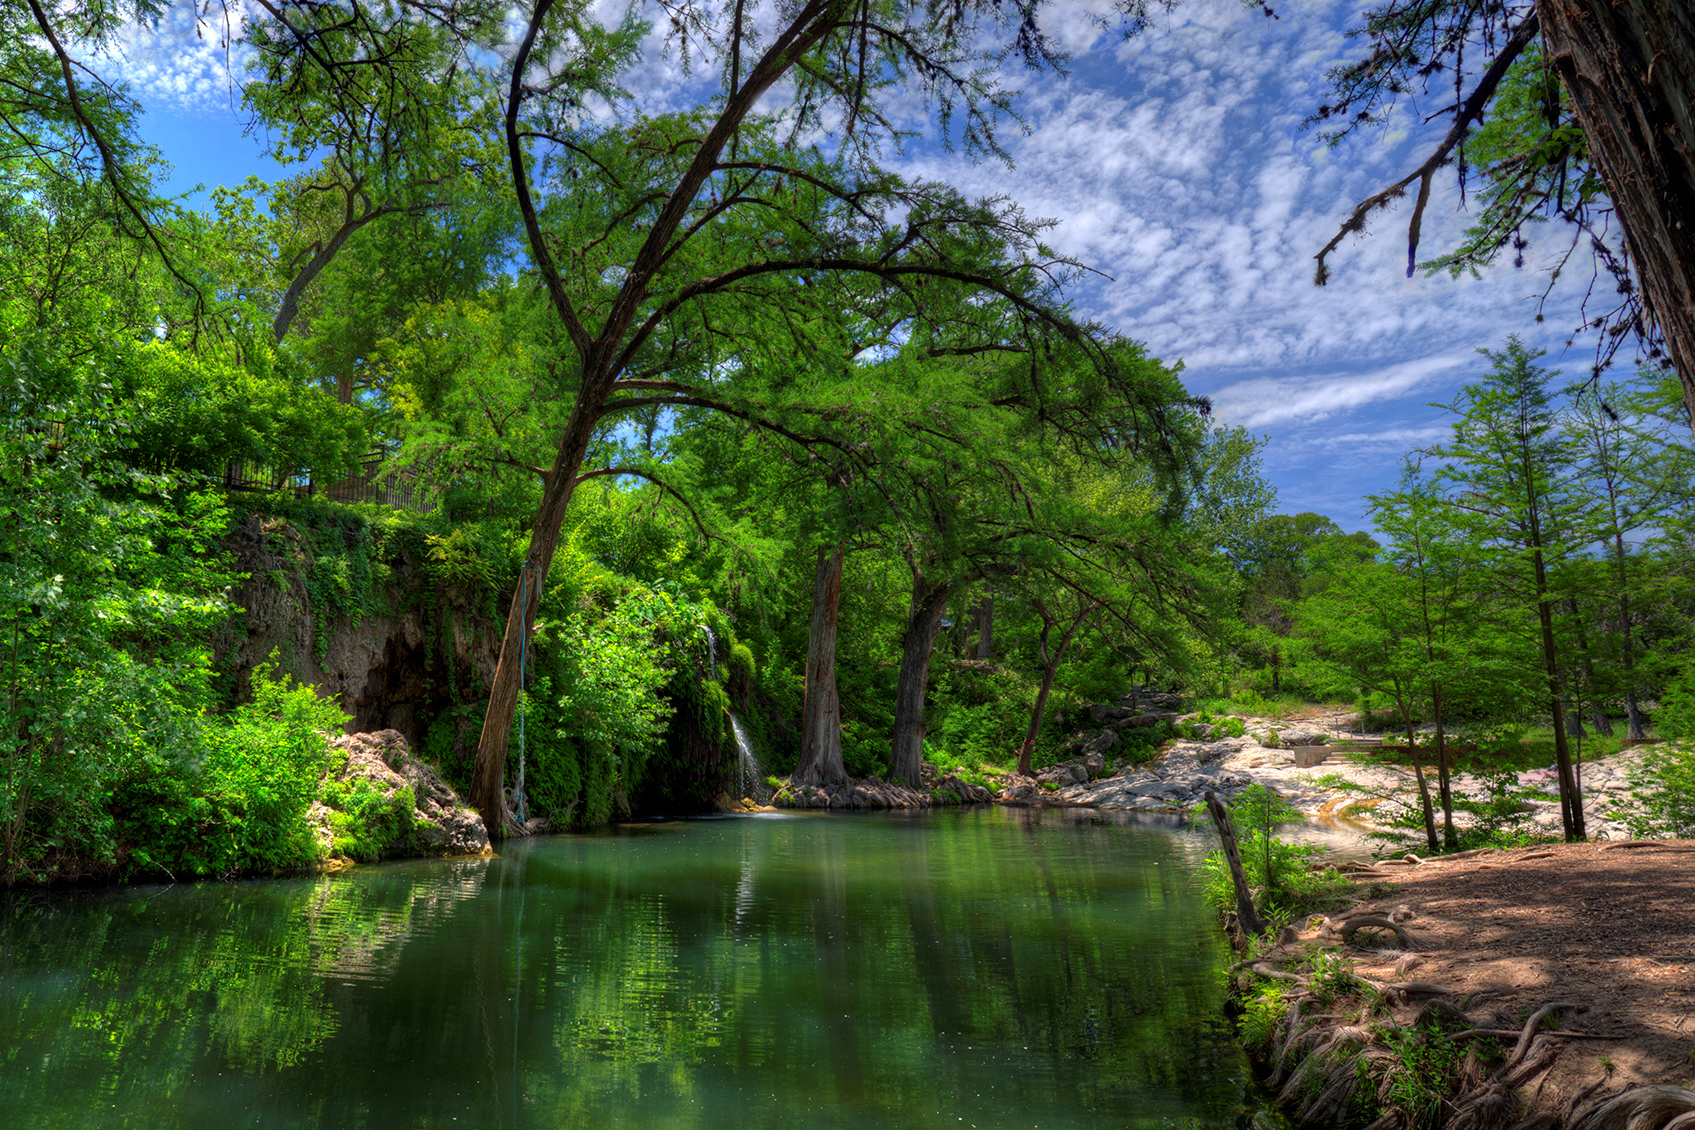 Krause Springs in Spicewood, TX